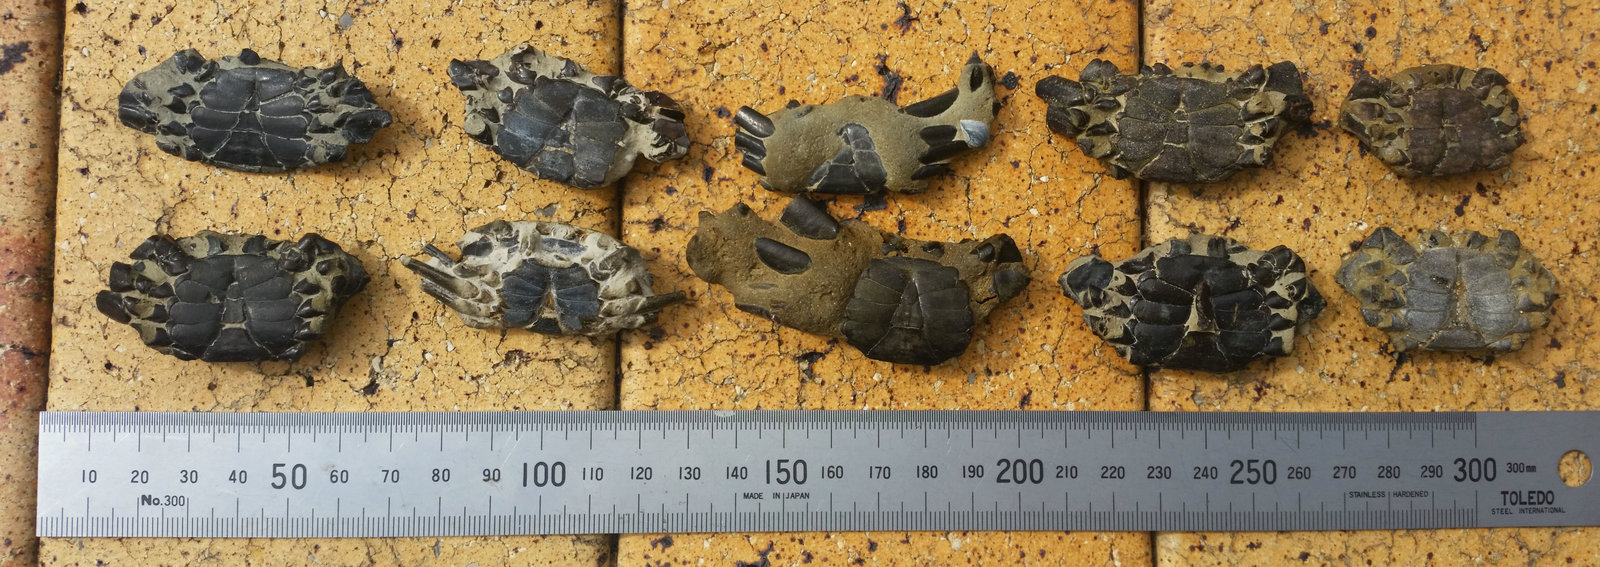 Crabs 3.jpg